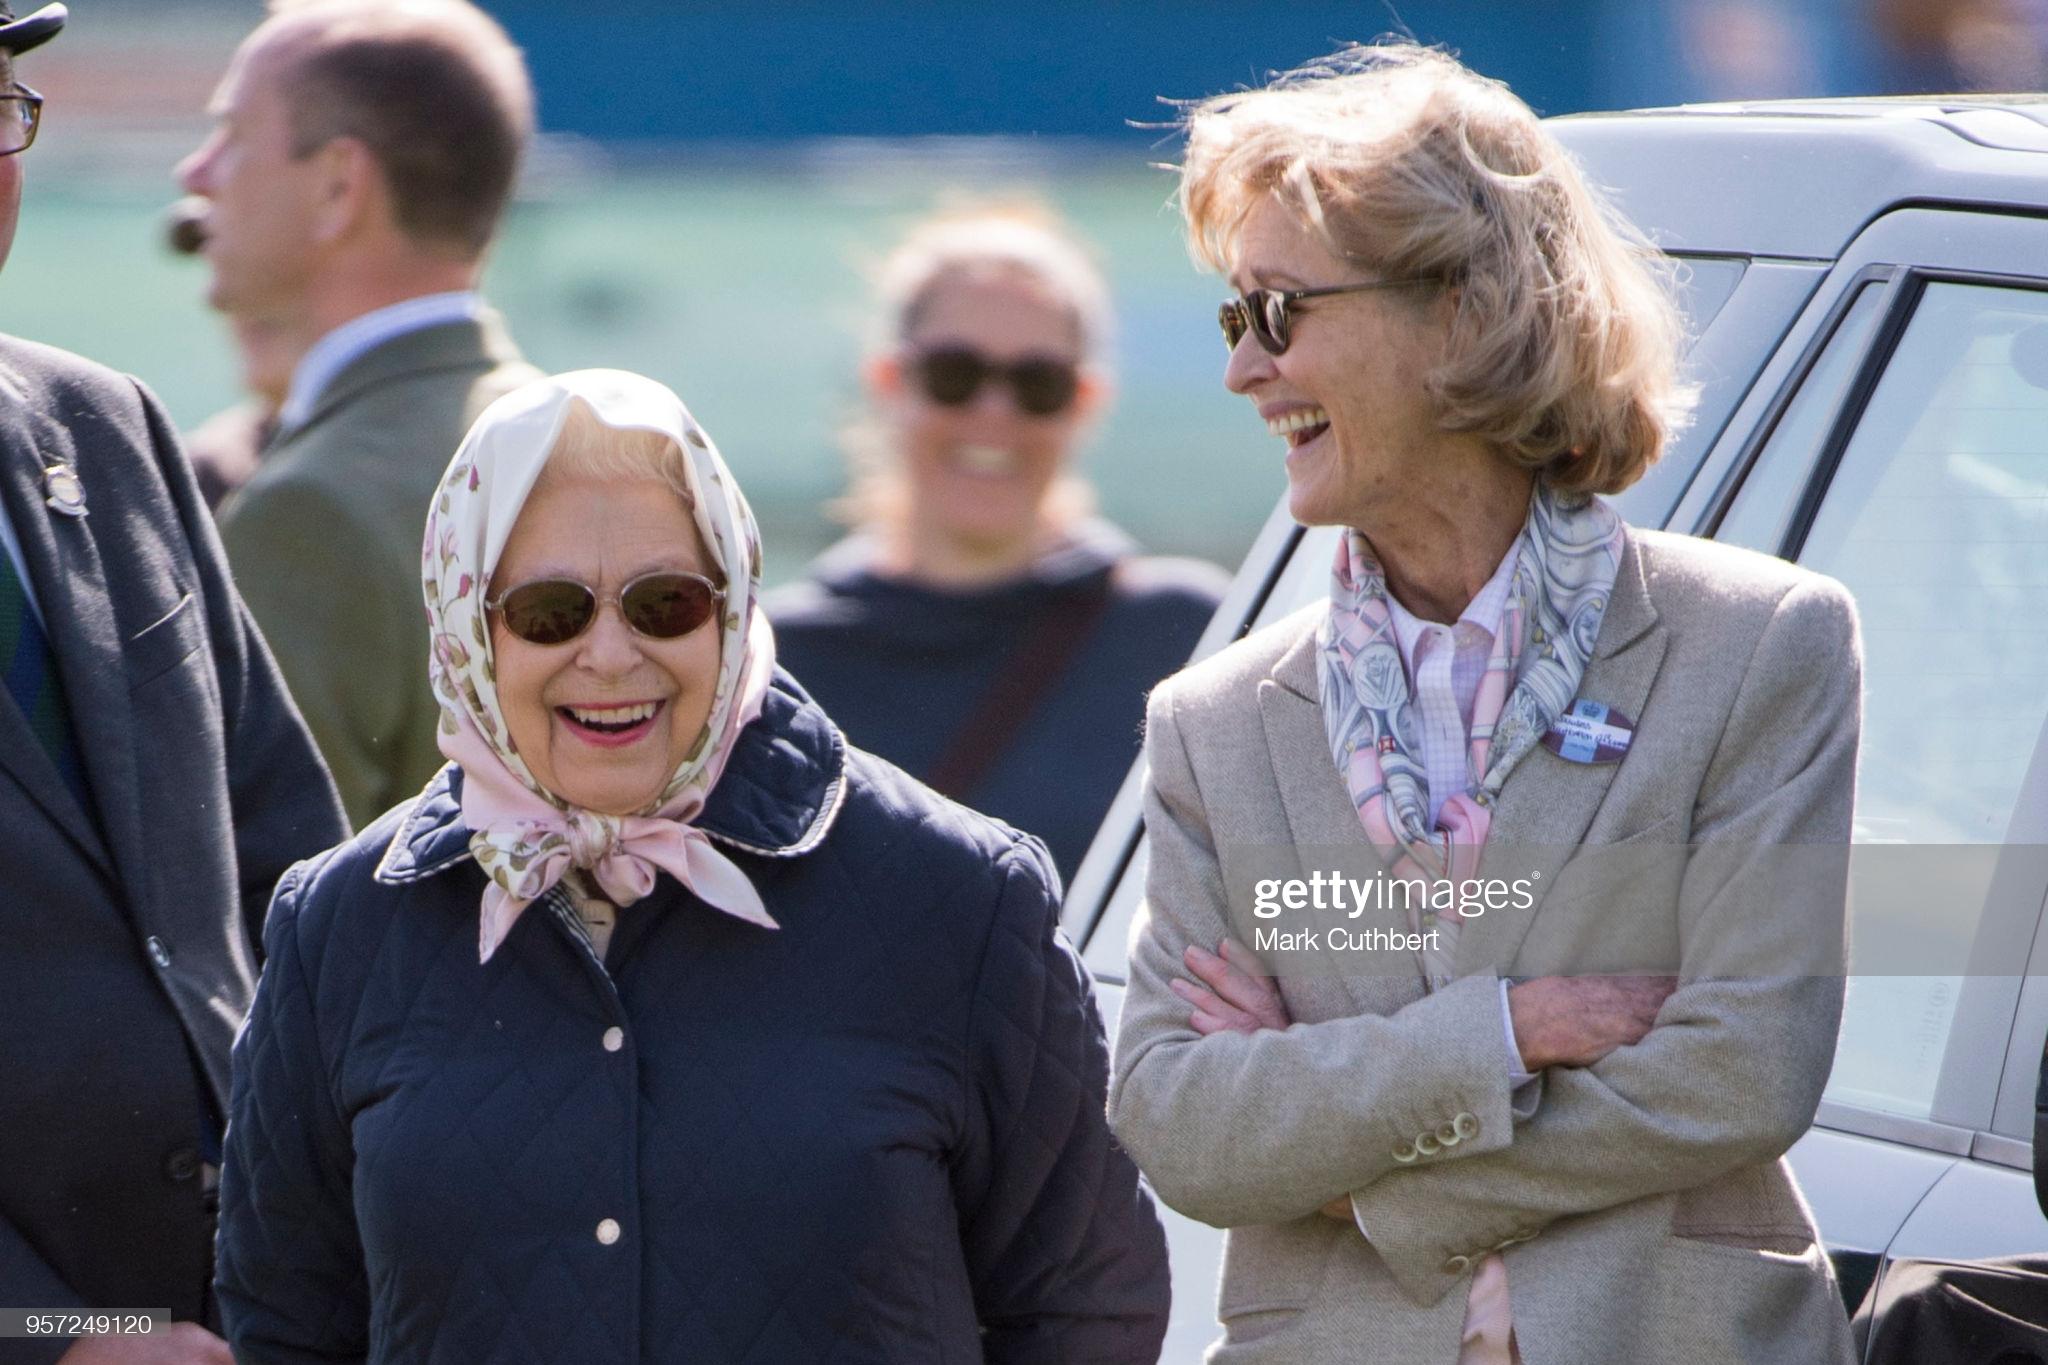 Người phụ nữ thầm lặng trong lễ tang Hoàng tế Philip: Bạn tâm giao kém 32 tuổi của người quá cố, đẹp hơn cả Nữ hoàng Anh và Kate Middleton  - Ảnh 4.